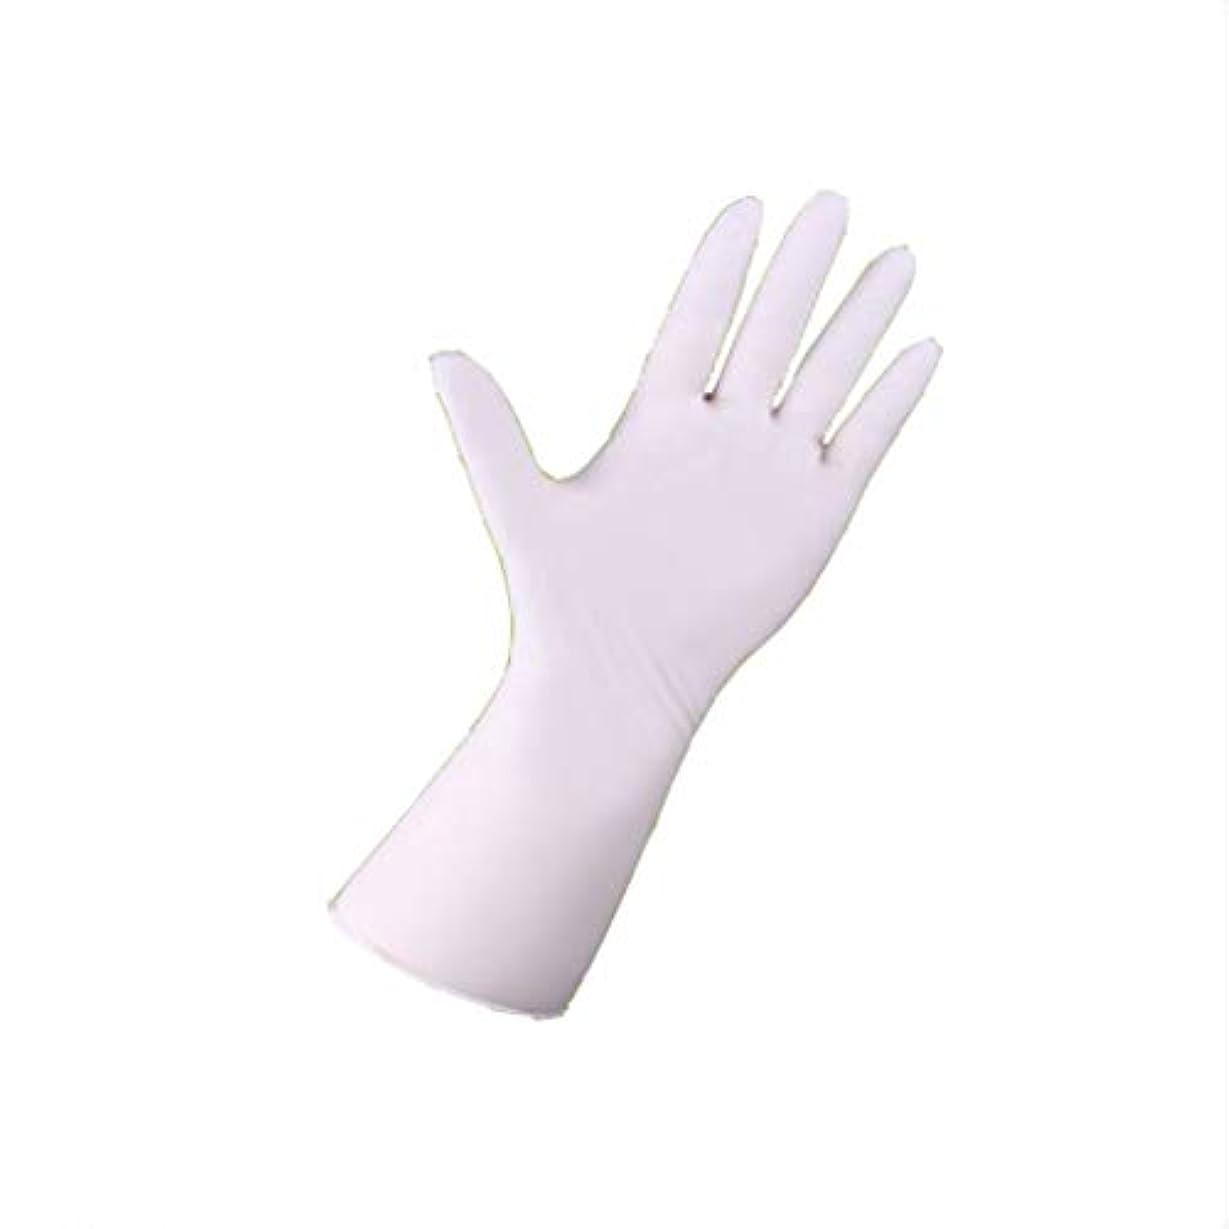 に賛成再開損なう手袋、使い捨て手袋、長いゴムラボ、帯電防止ペディキュア、マッサージ、ハンドマッサージ100 (サイズ さいず : S s)